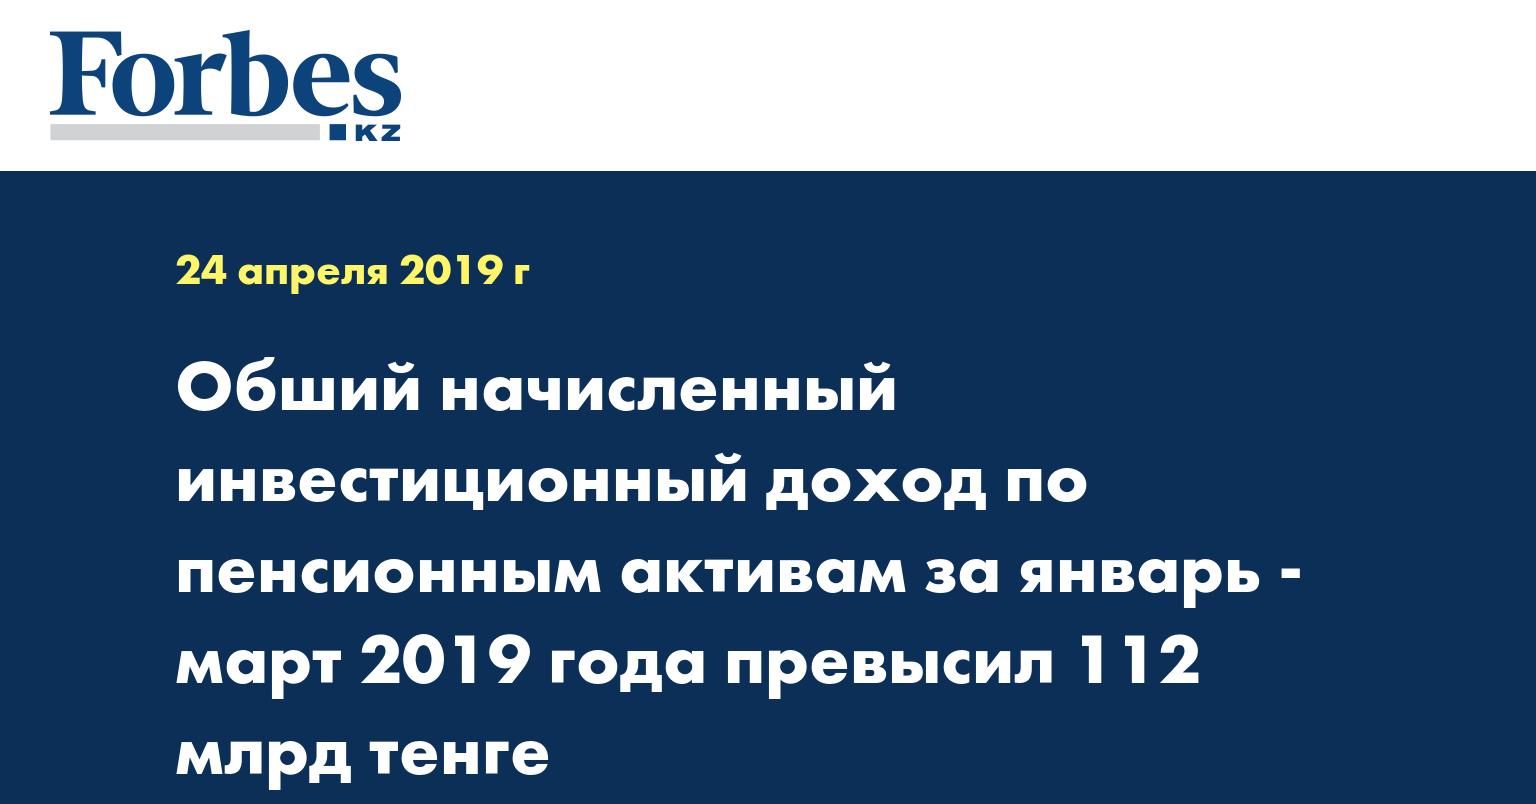 Обший начисленный инвестиционный доход по пенсионным активам за январь - март 2019 года превысил 112 млрд тенге